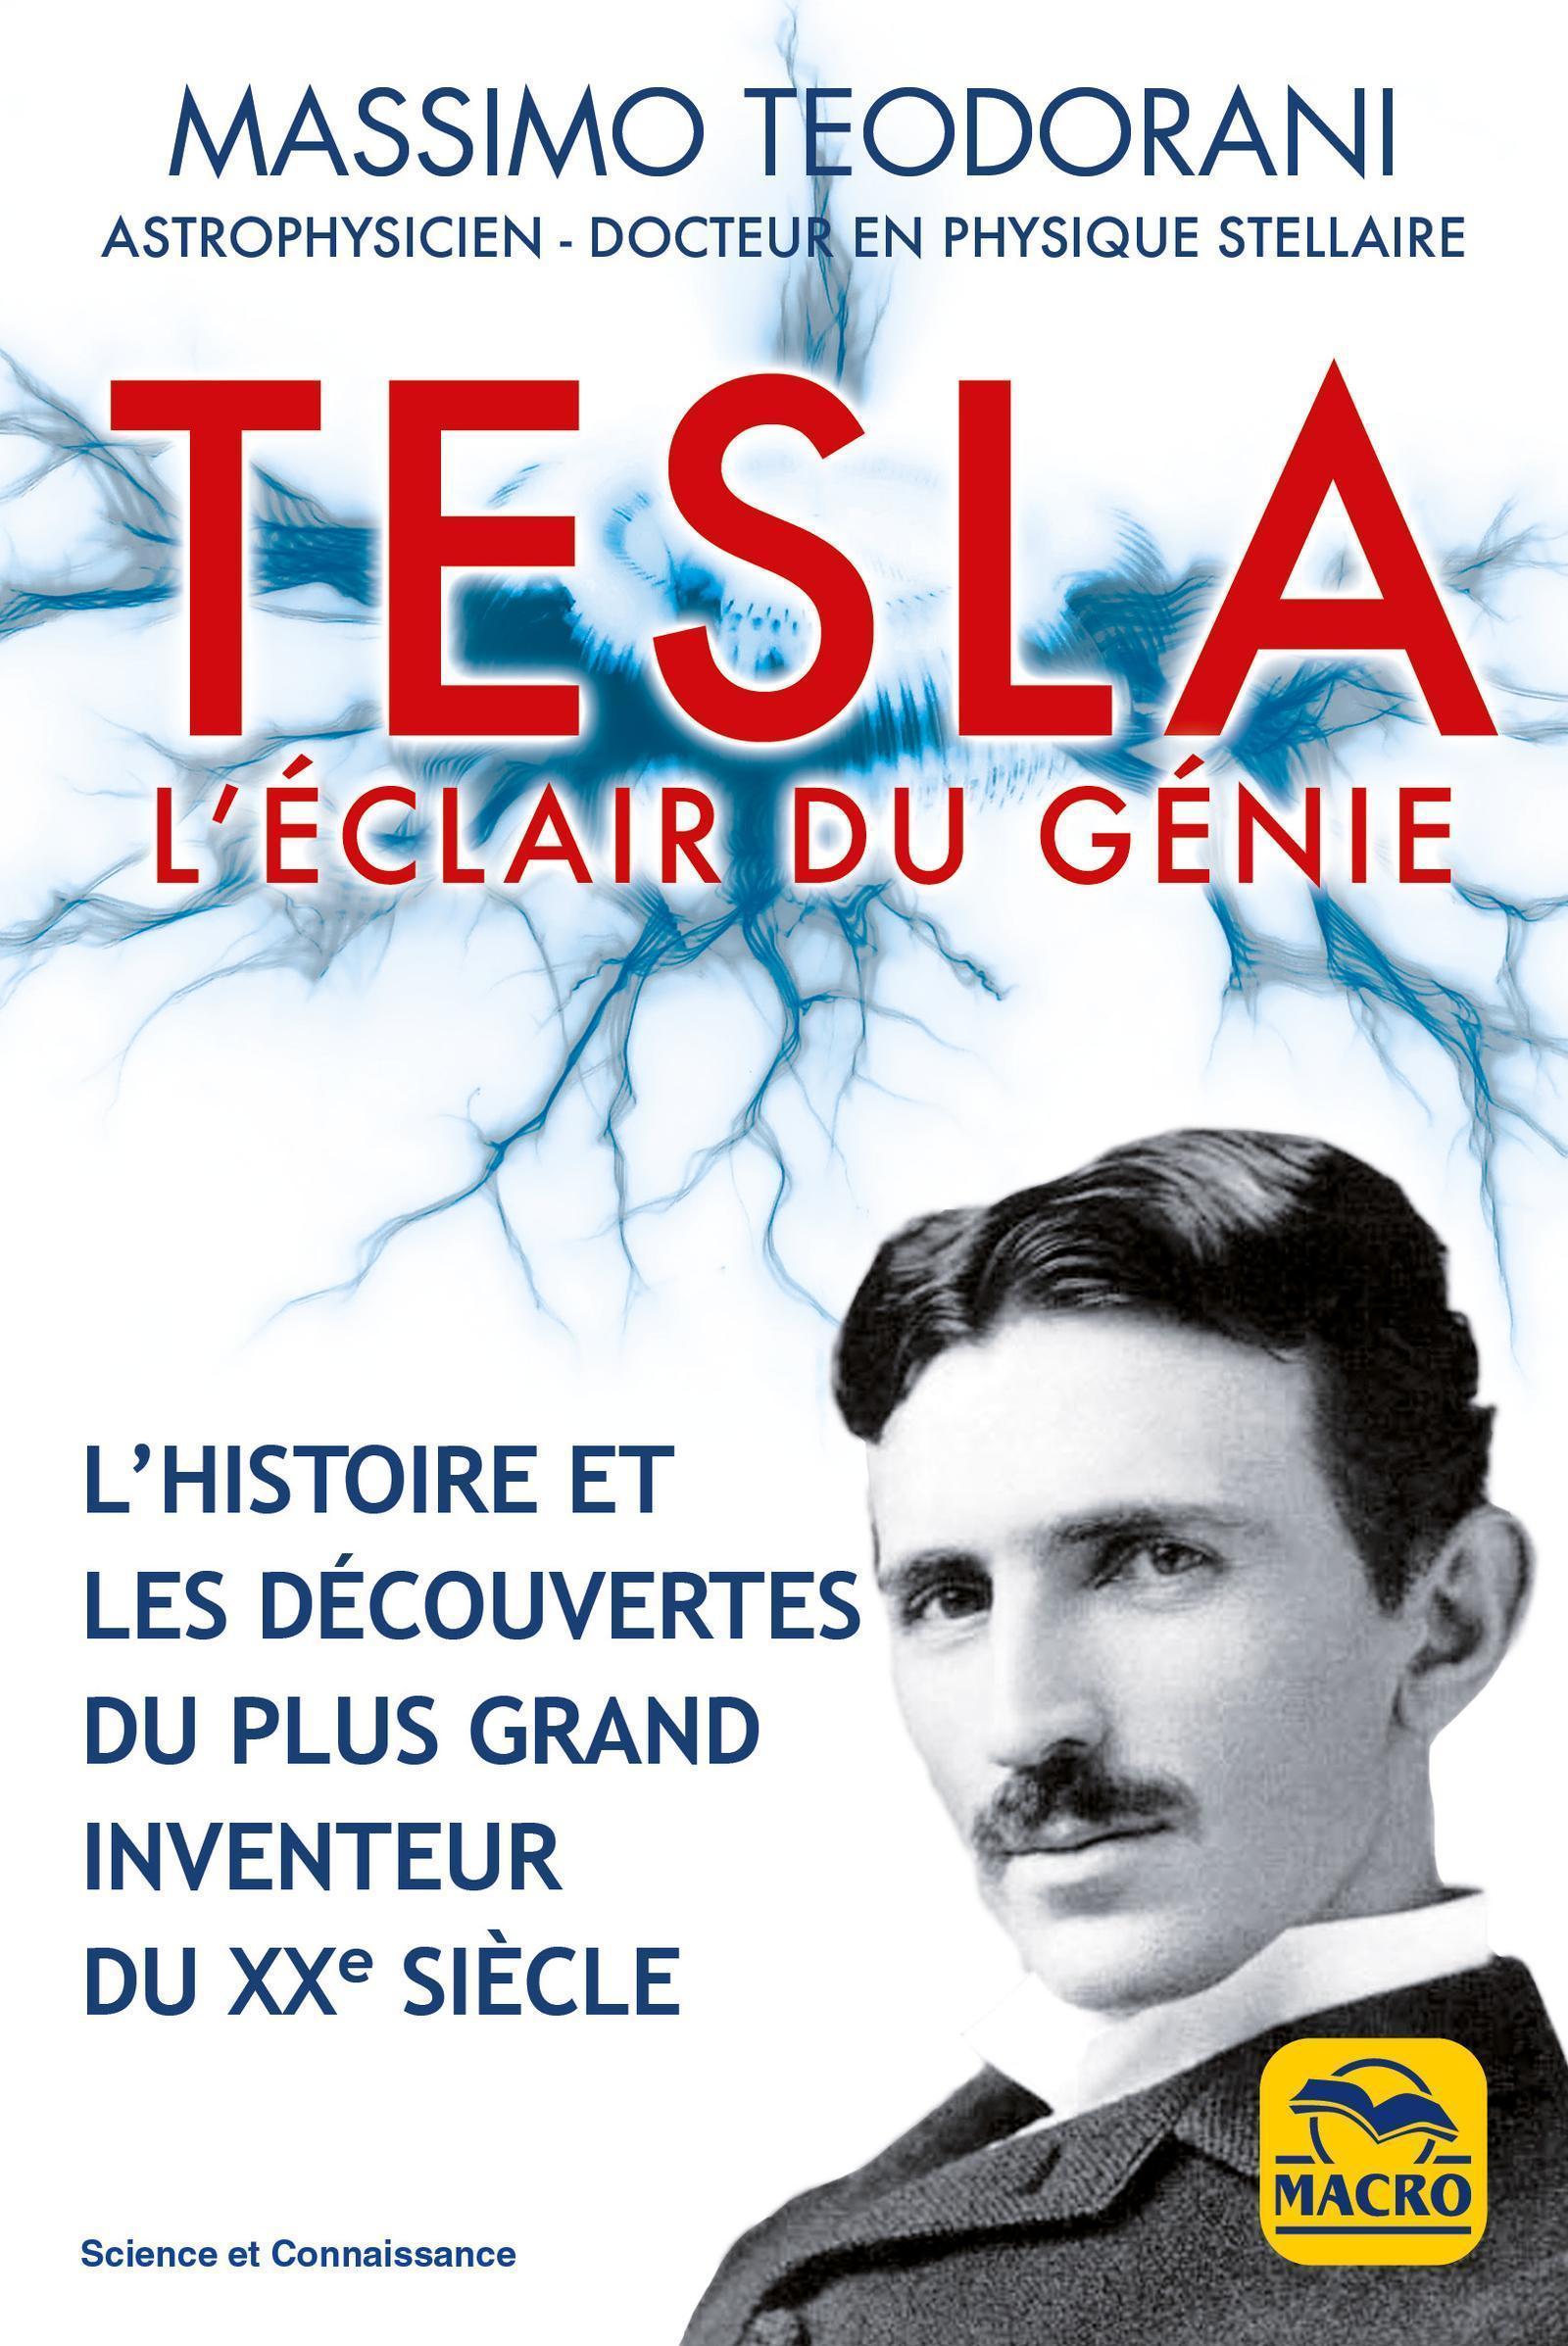 TESLA, L'ECLAIR DU GENIE - L'HISTOIRE ET LES DECOUVERTES DU PLUS GRAND INVENTEUR DU XXE SIECLE